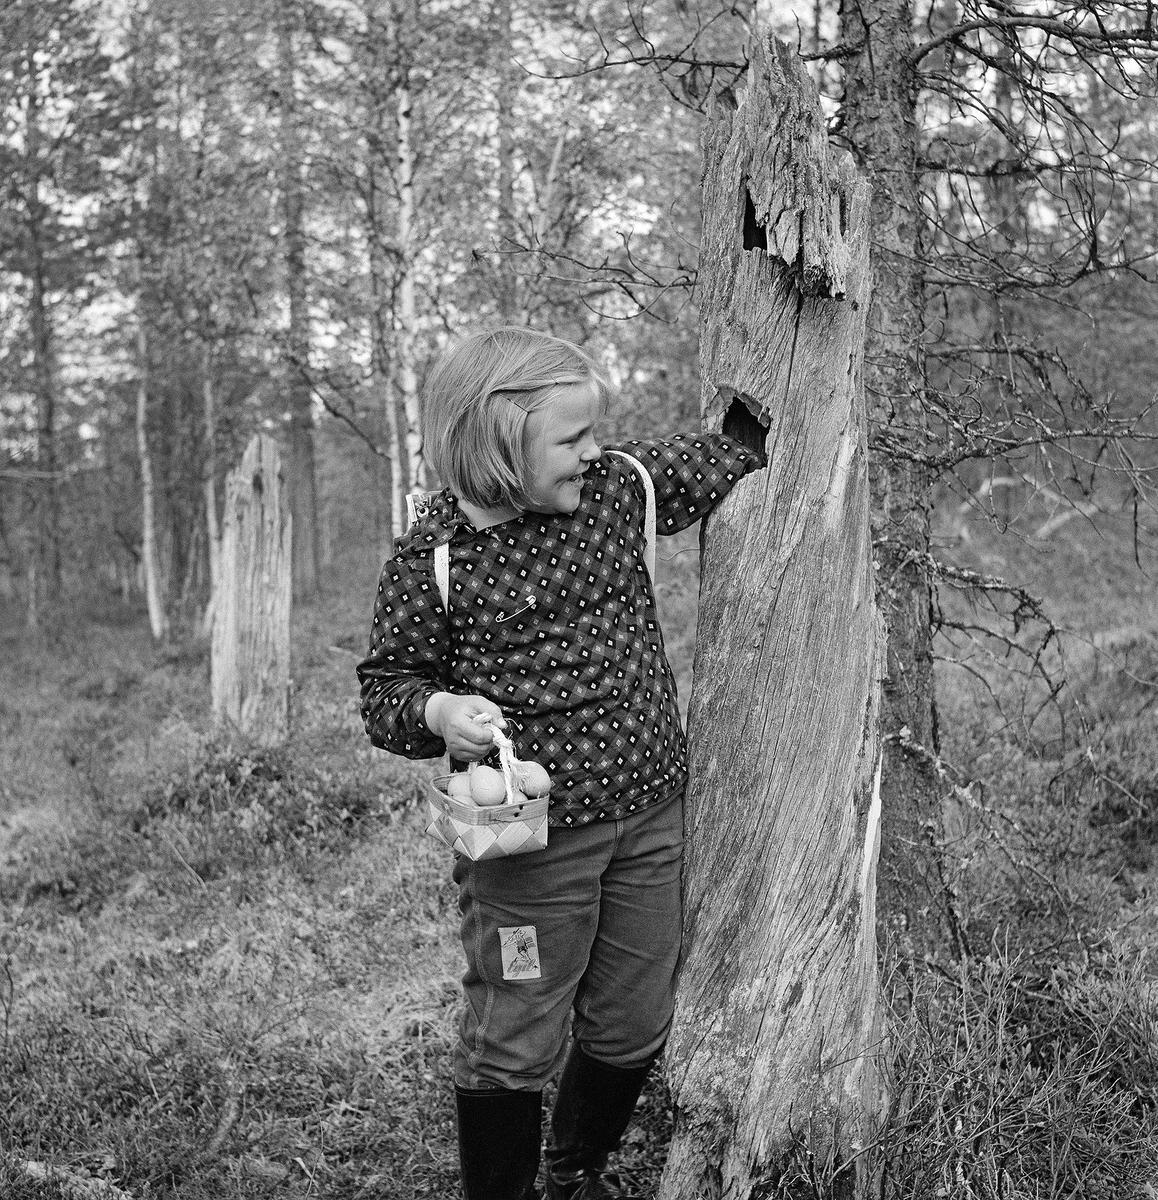 Kvinandegg i en liten neverkurv.   Etter dagens lovverk er det ikke lov å sanke egg, men i 1961 sanket Gerd Ingrid Kolbu kvinandegg fra reiret i trehullet. Bildet er tatt i 1961 av Kjell Søgård /Norsk Skogmuseum.